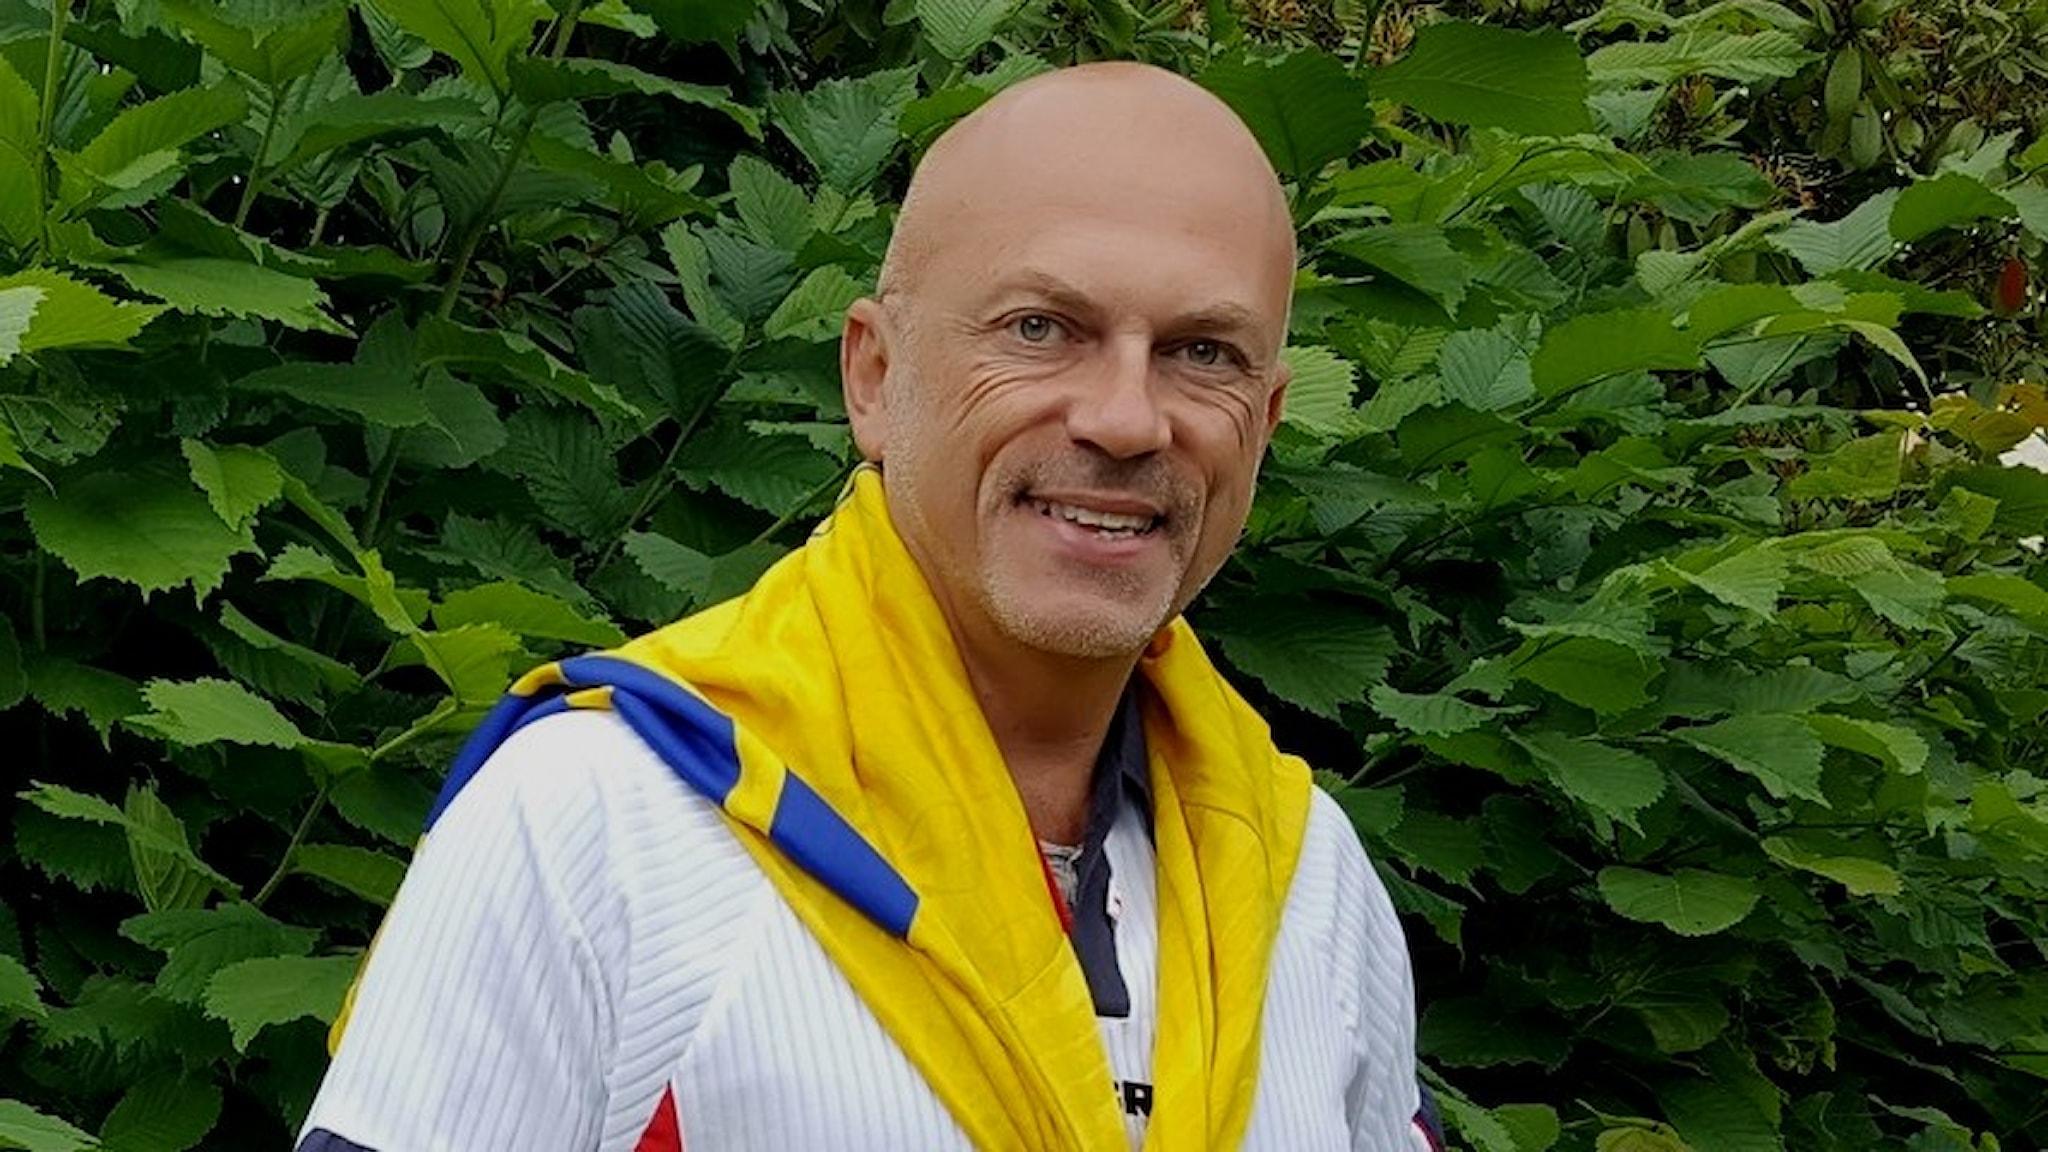 Keith Foster står framför gröna buskar. Han har på sig Storbritanniens fotbollslandslags matchtröja. Över axlarna har han det svenska fotbollslandslagets tröja.